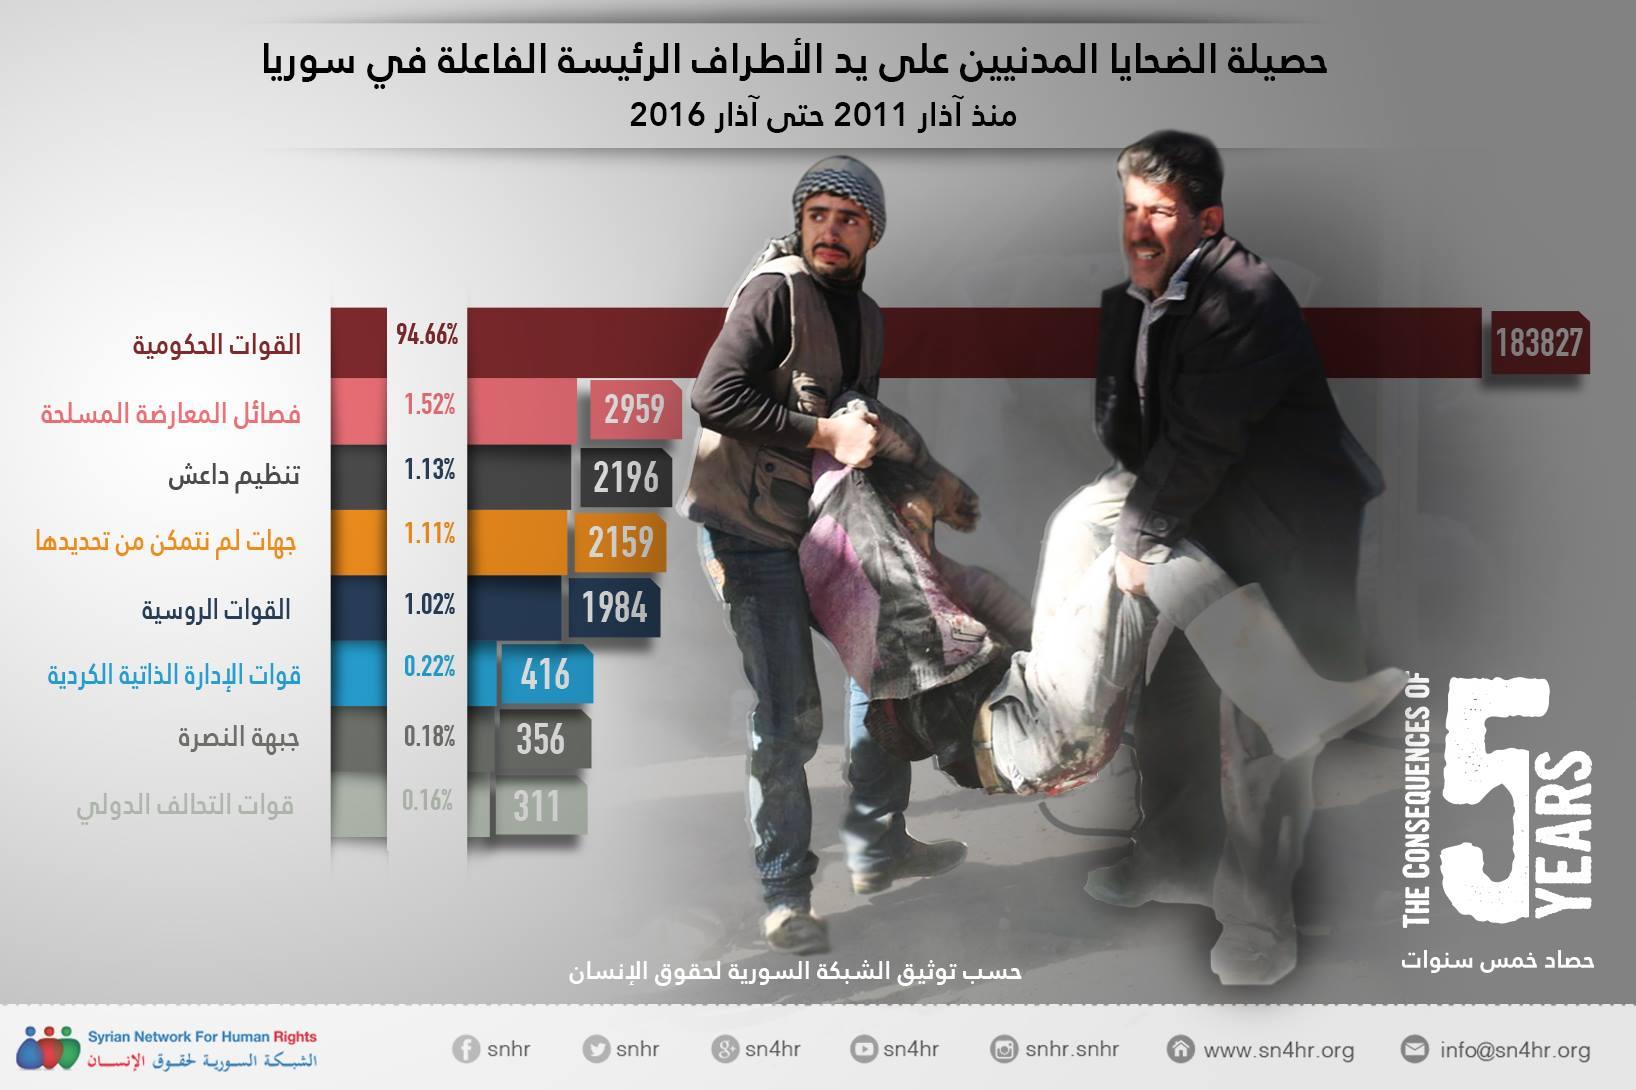 حصيلة الضحايا المدنيين في سوريا